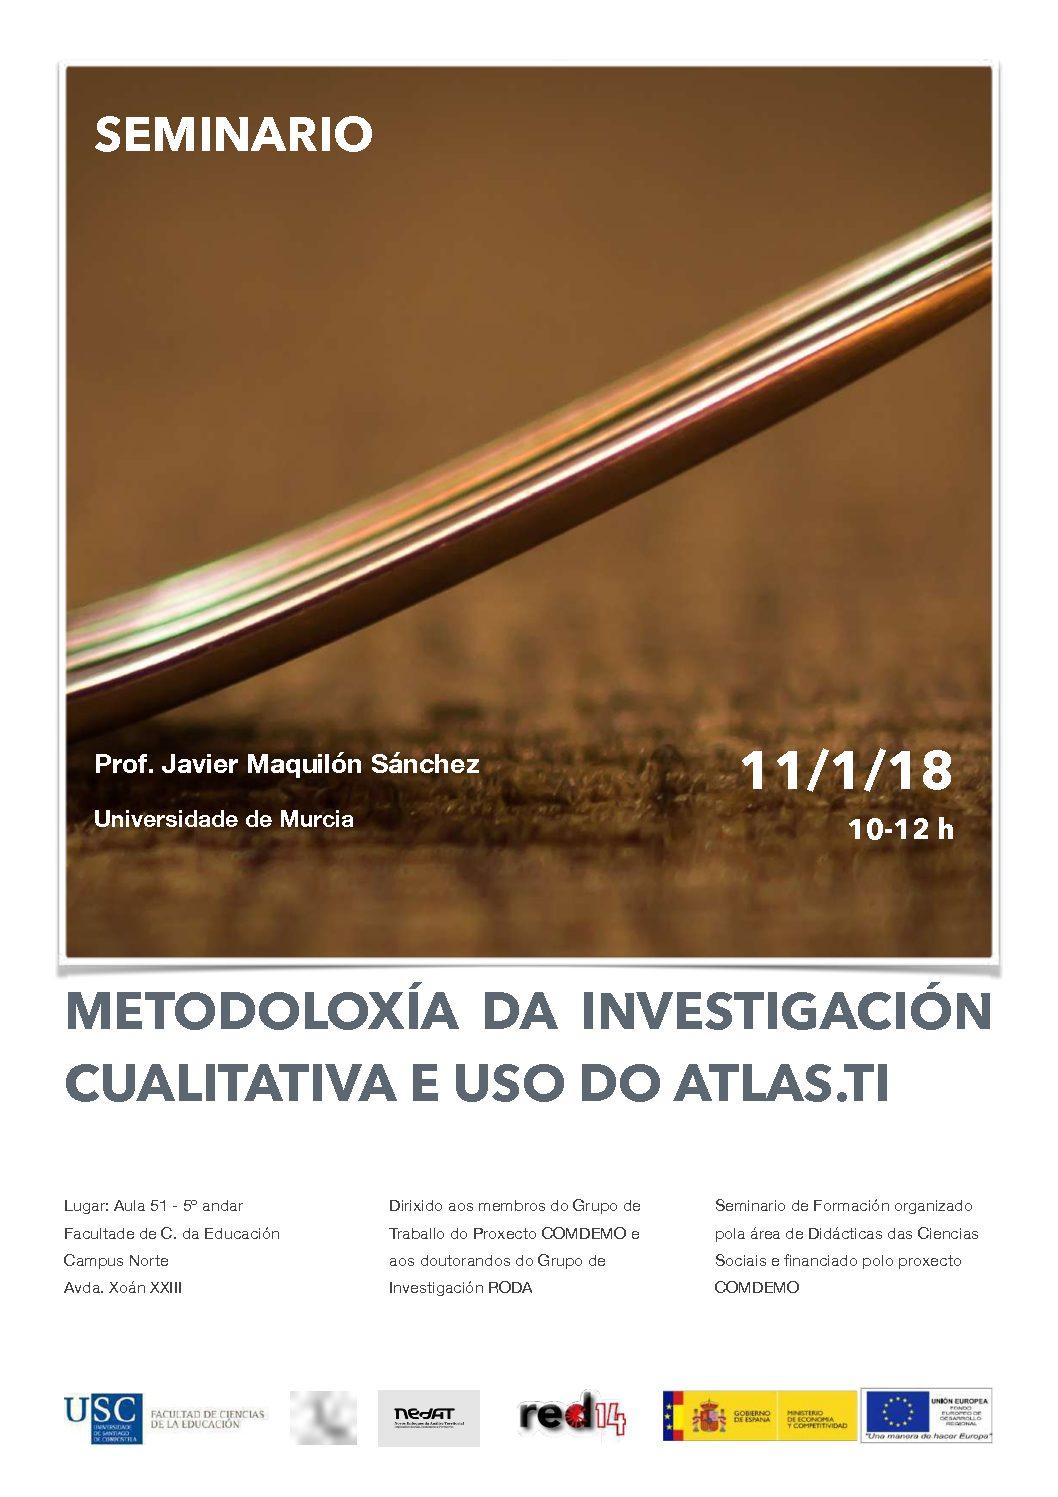 Seminario: Metodoloxía da Investigación Cualitativa e uso do Atlas.ti